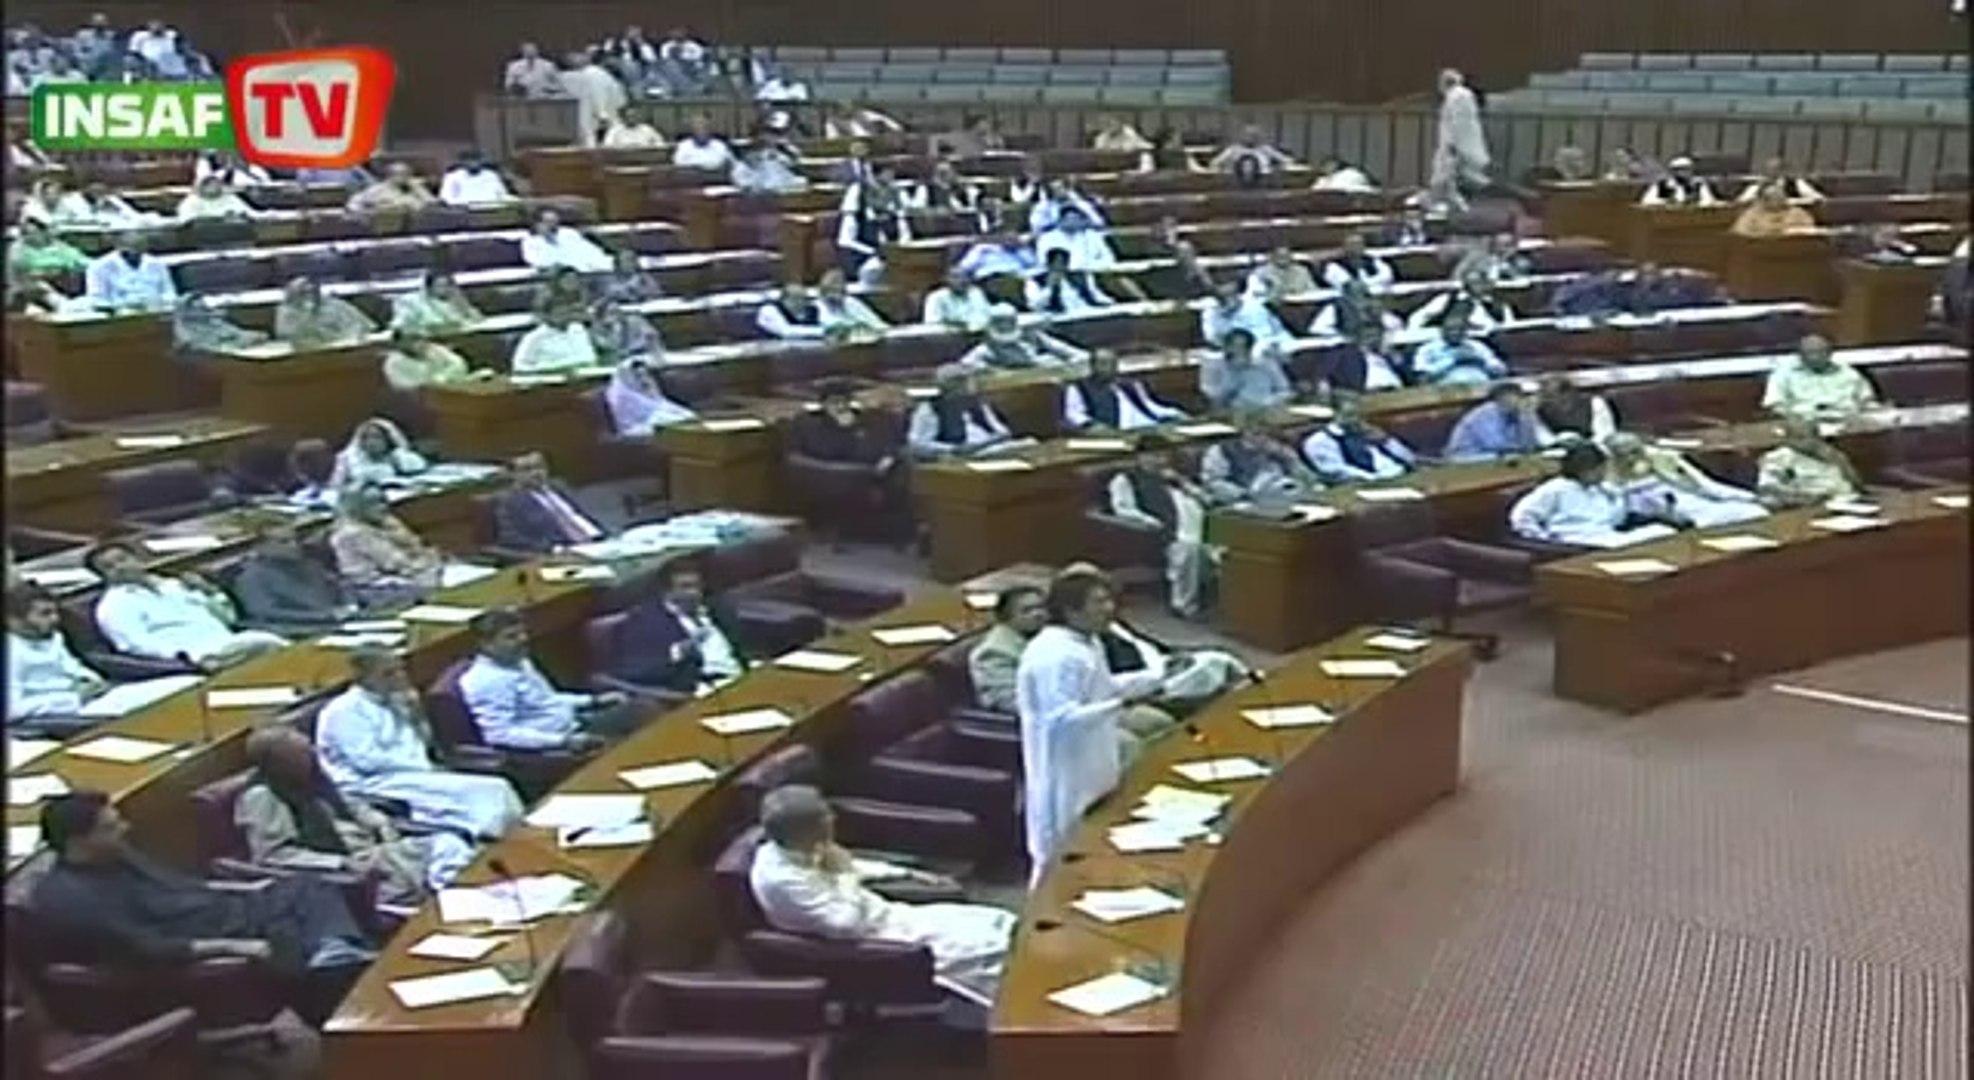 Imran Khan's Complete Speech at National Assembly (June 19, 2013) 19 06 2013 Full Speech